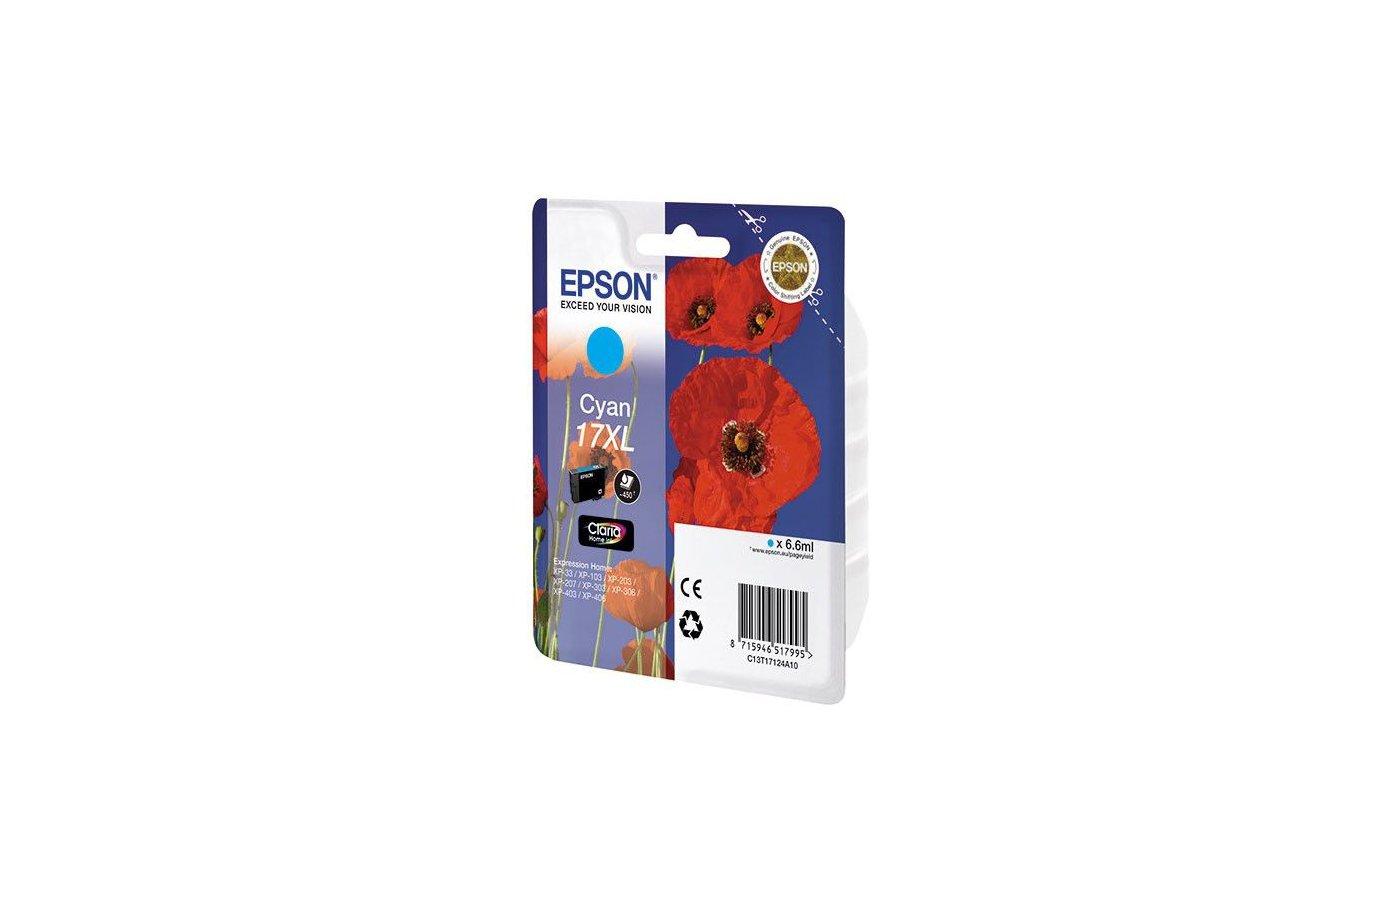 Картридж струйный Epson C13T17124A10 голубой